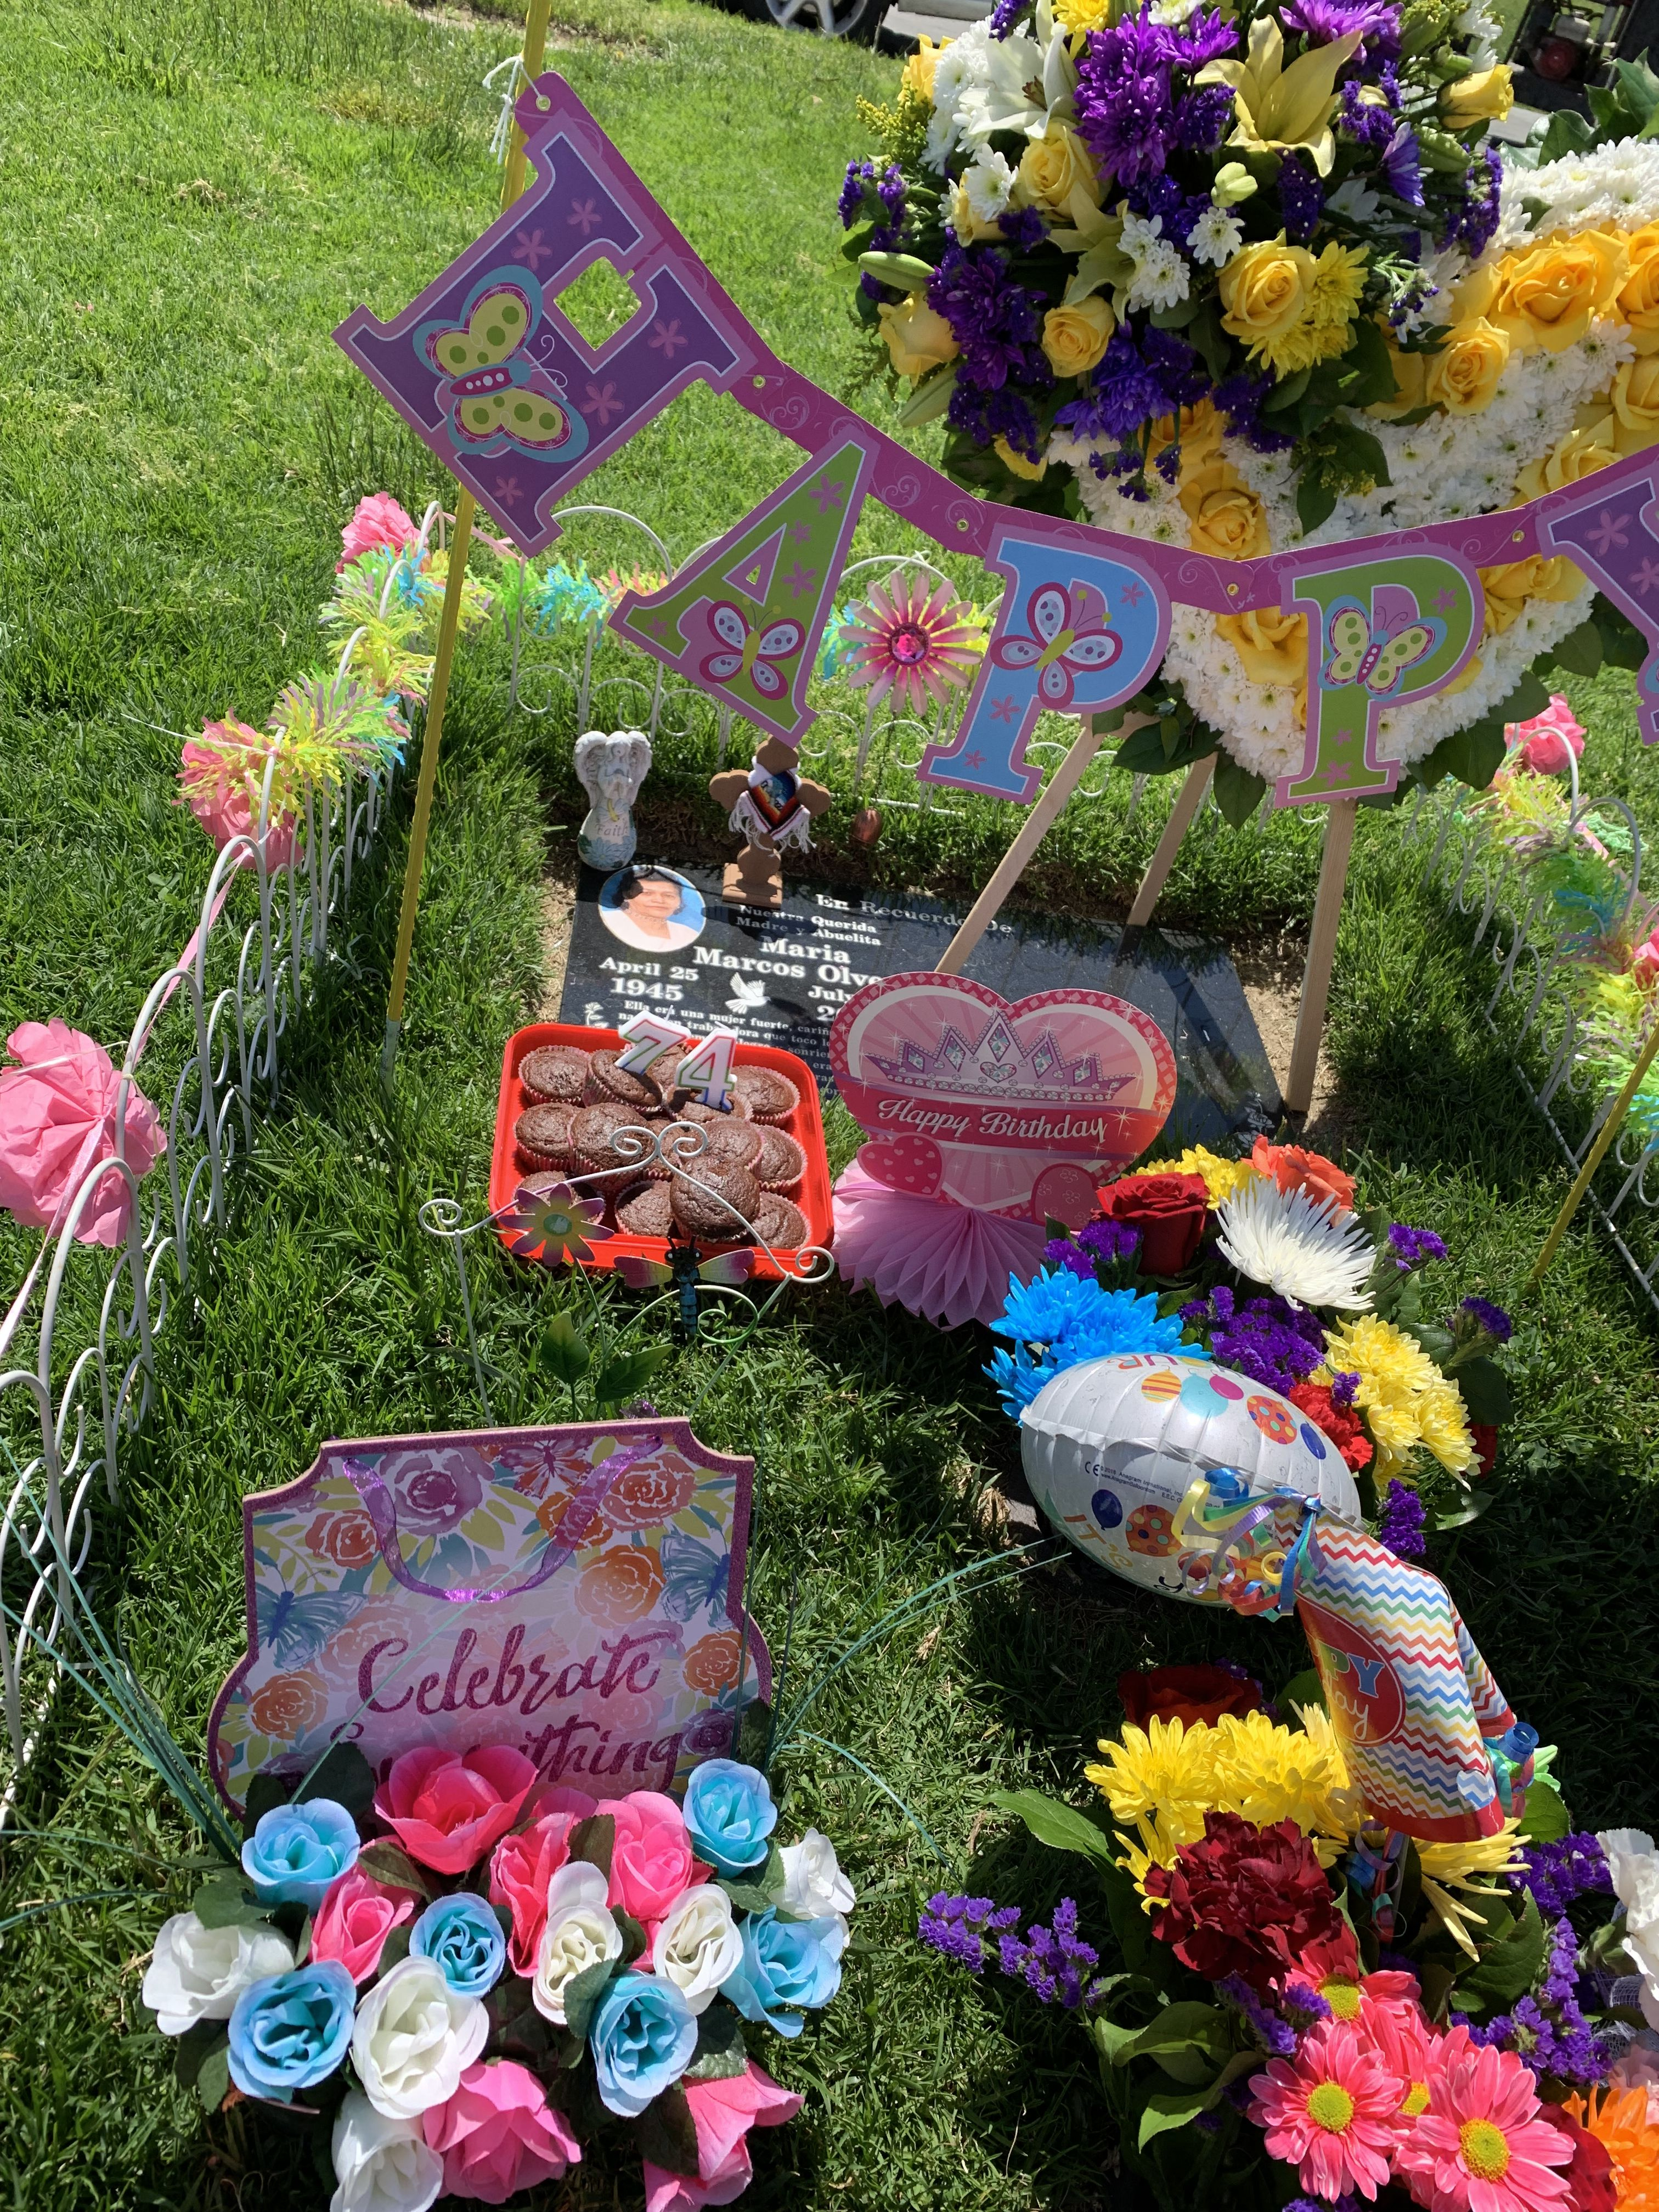 April 25, 2019 Cemetery decorations, Grave decorations